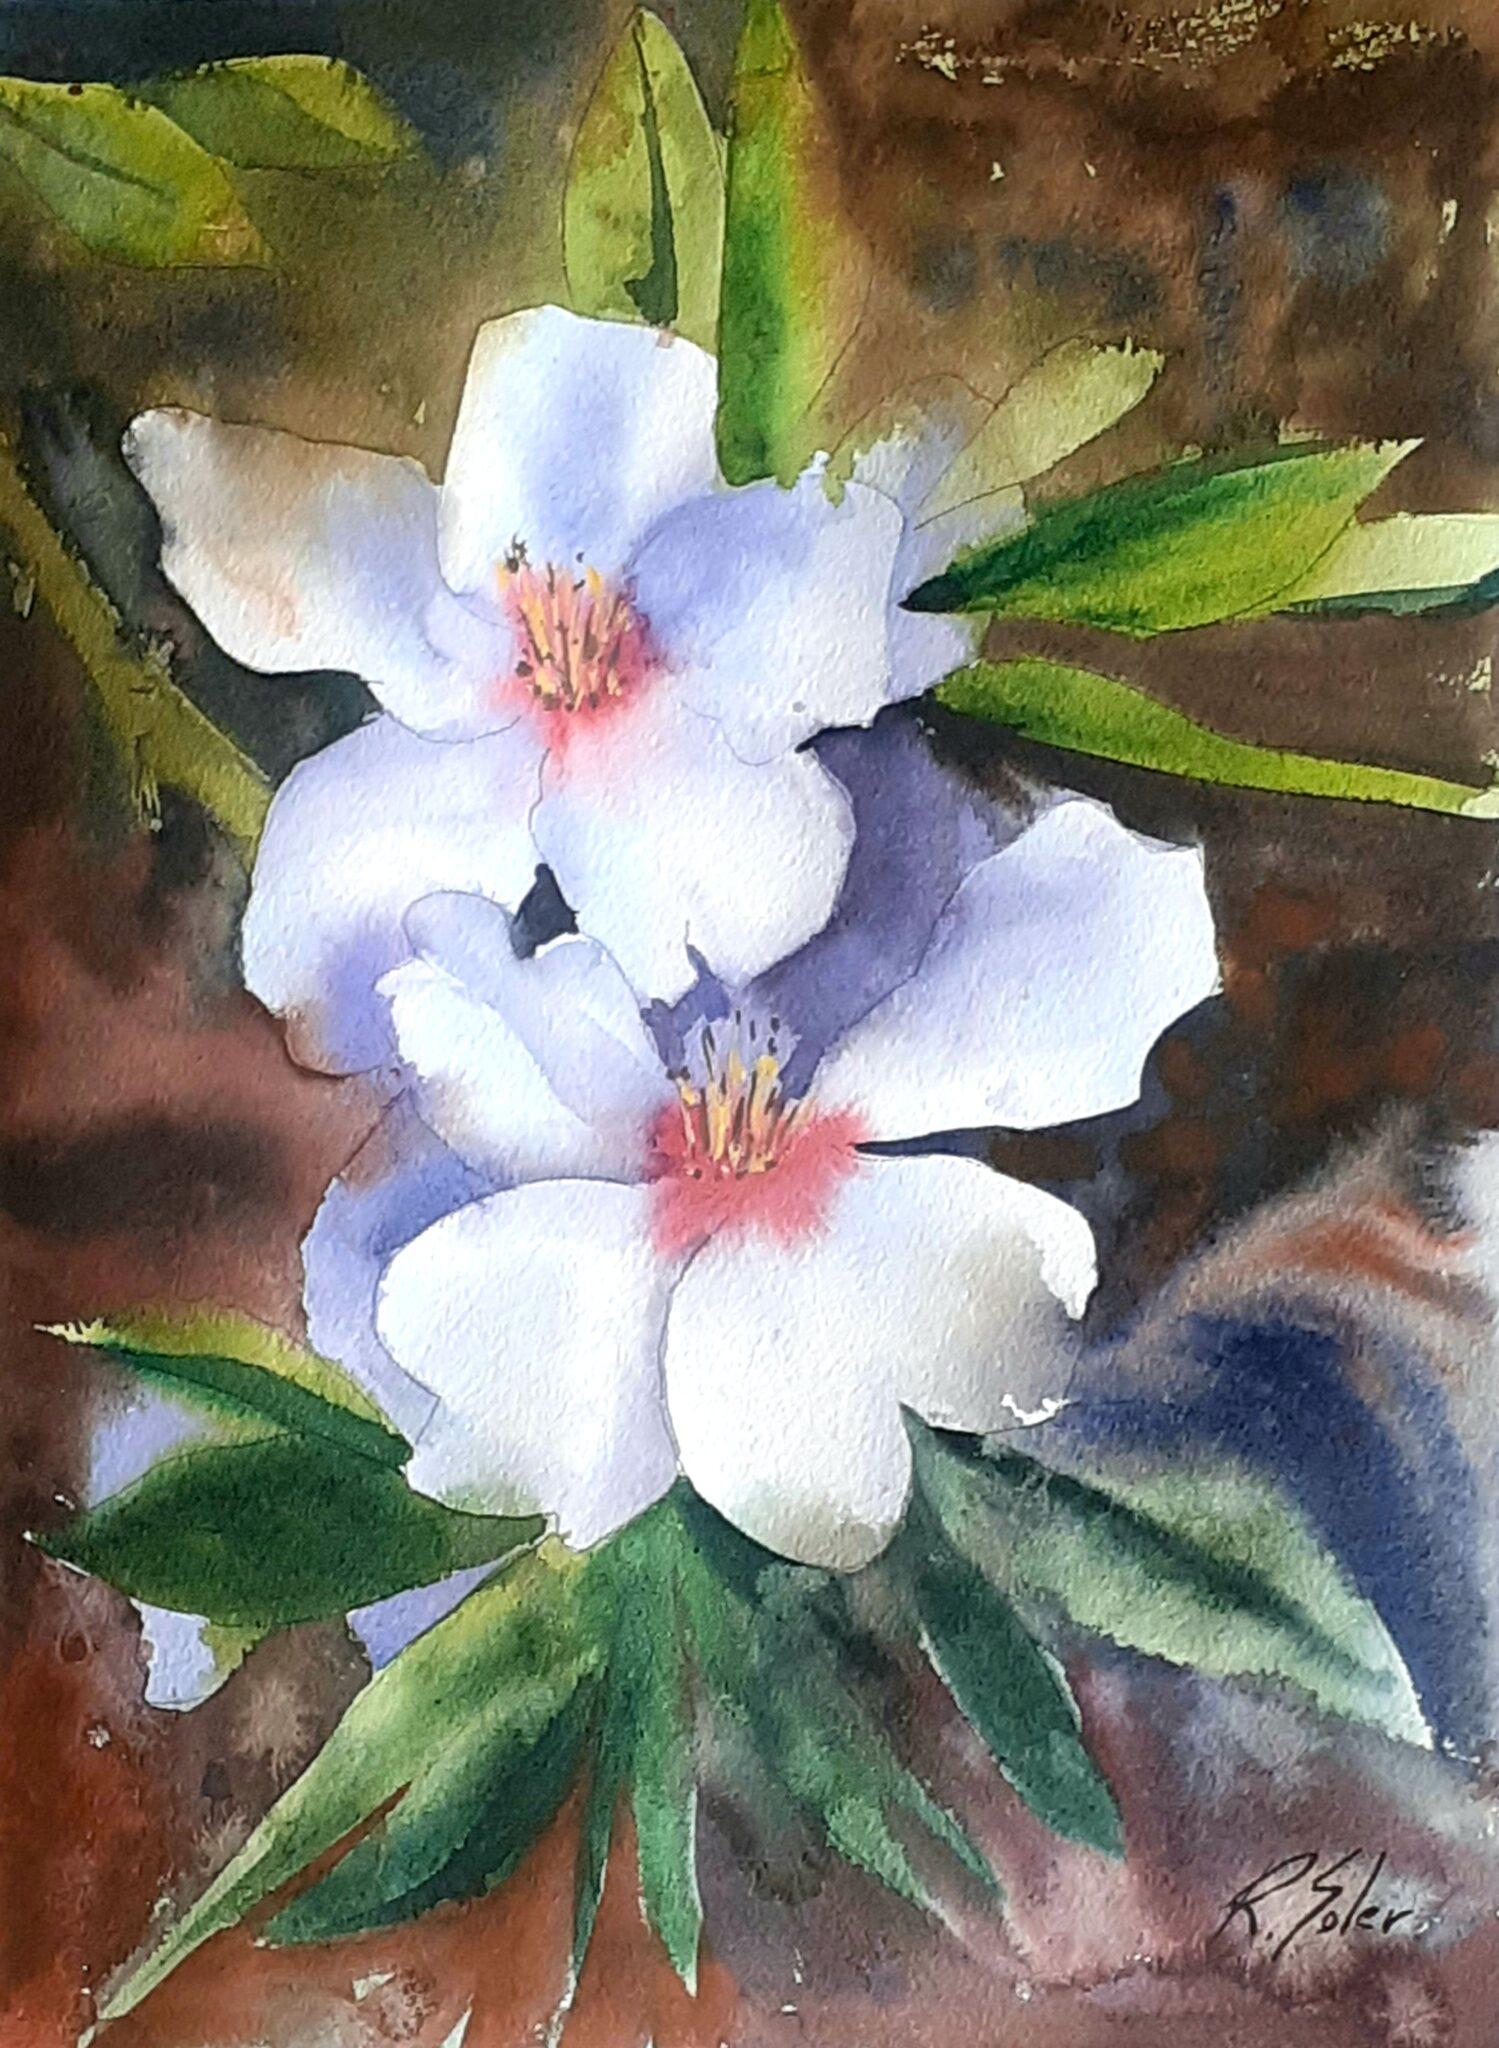 Flors d'atmetller, 25 x 35 cm. (Disponible)